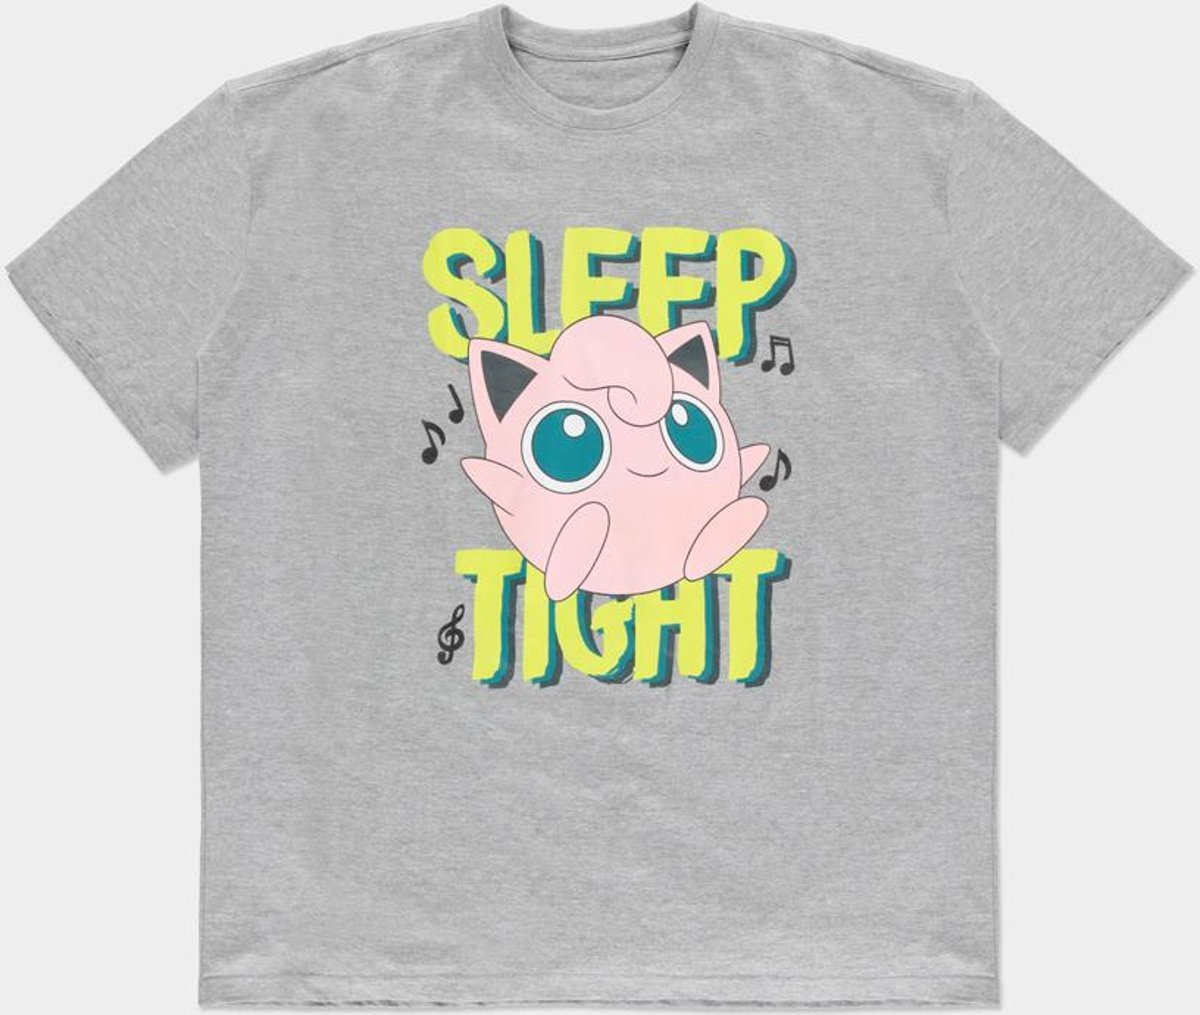 Pokémon - Jigglypuff Oversized Women's T-shirt - XL kopen